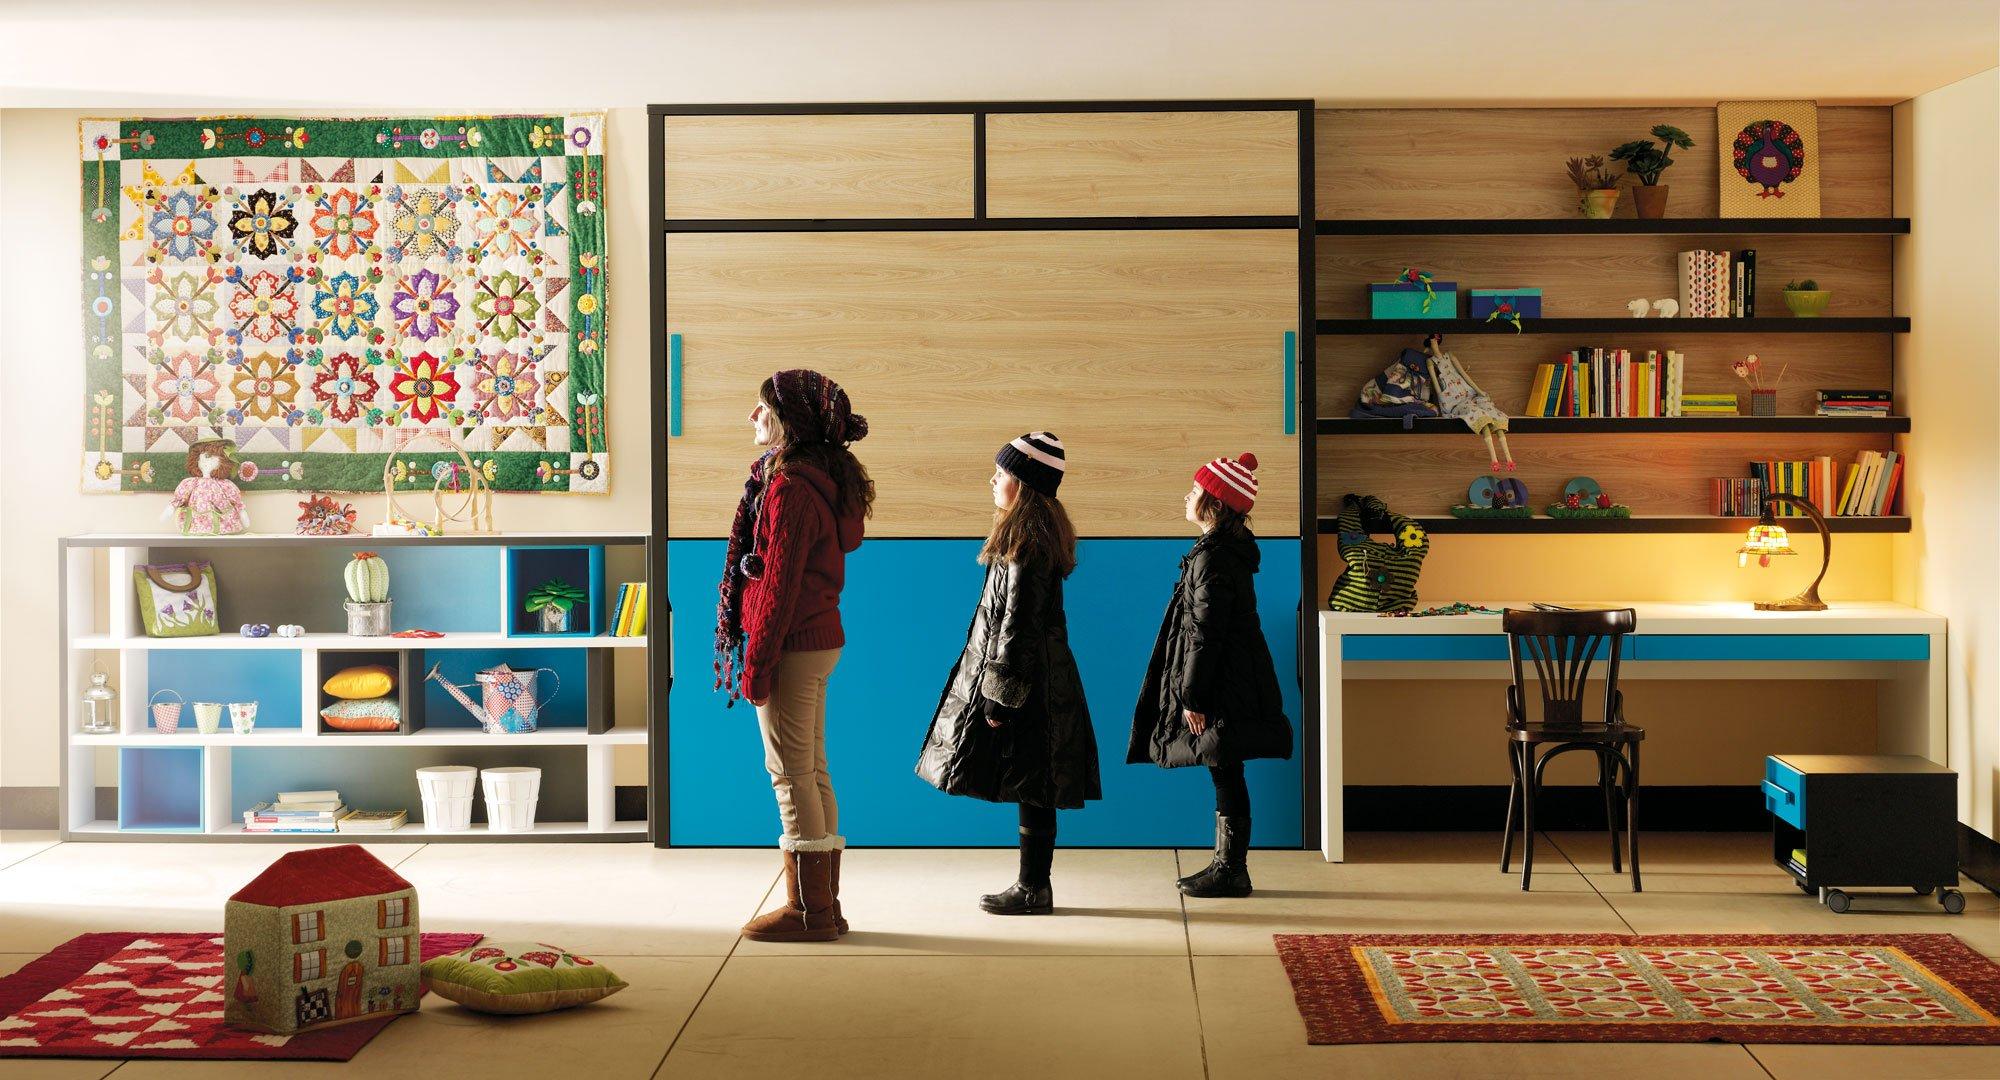 Comprar muebles infantiles y juveniles los mejores consejos blog - Muebles infantiles y juveniles ...